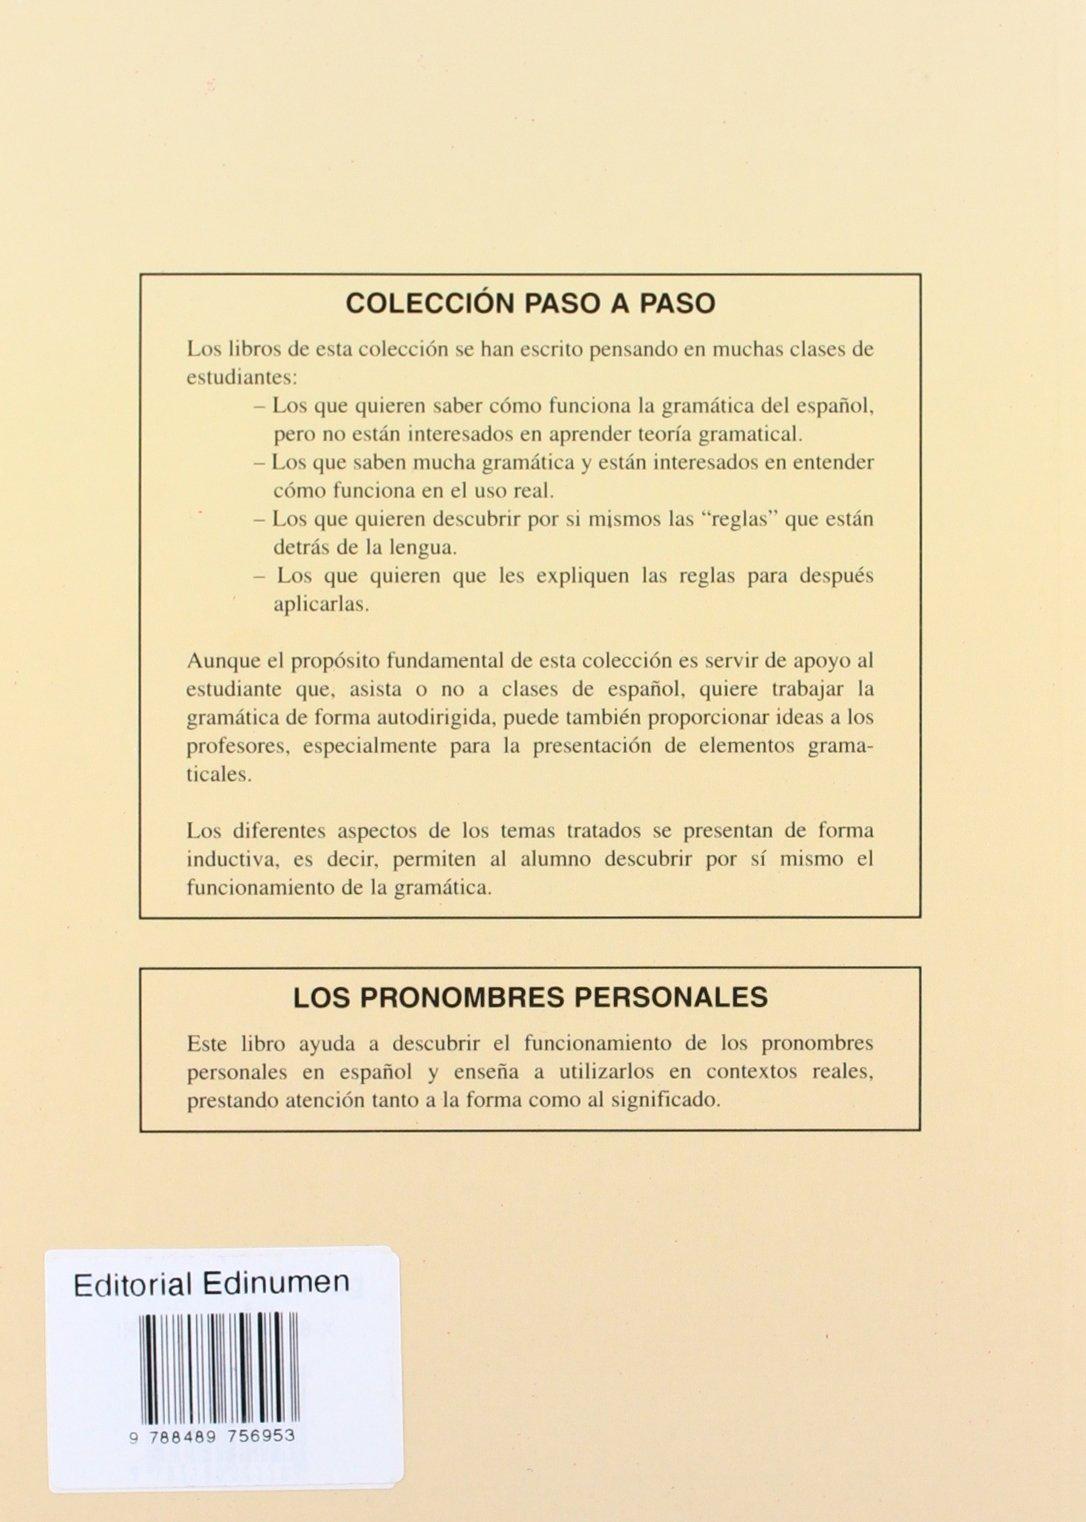 Pronombres Personales, Los (Spanish Edition): Maria Luisa Coronado Gonzalez: 9788489756953: Amazon.com: Books